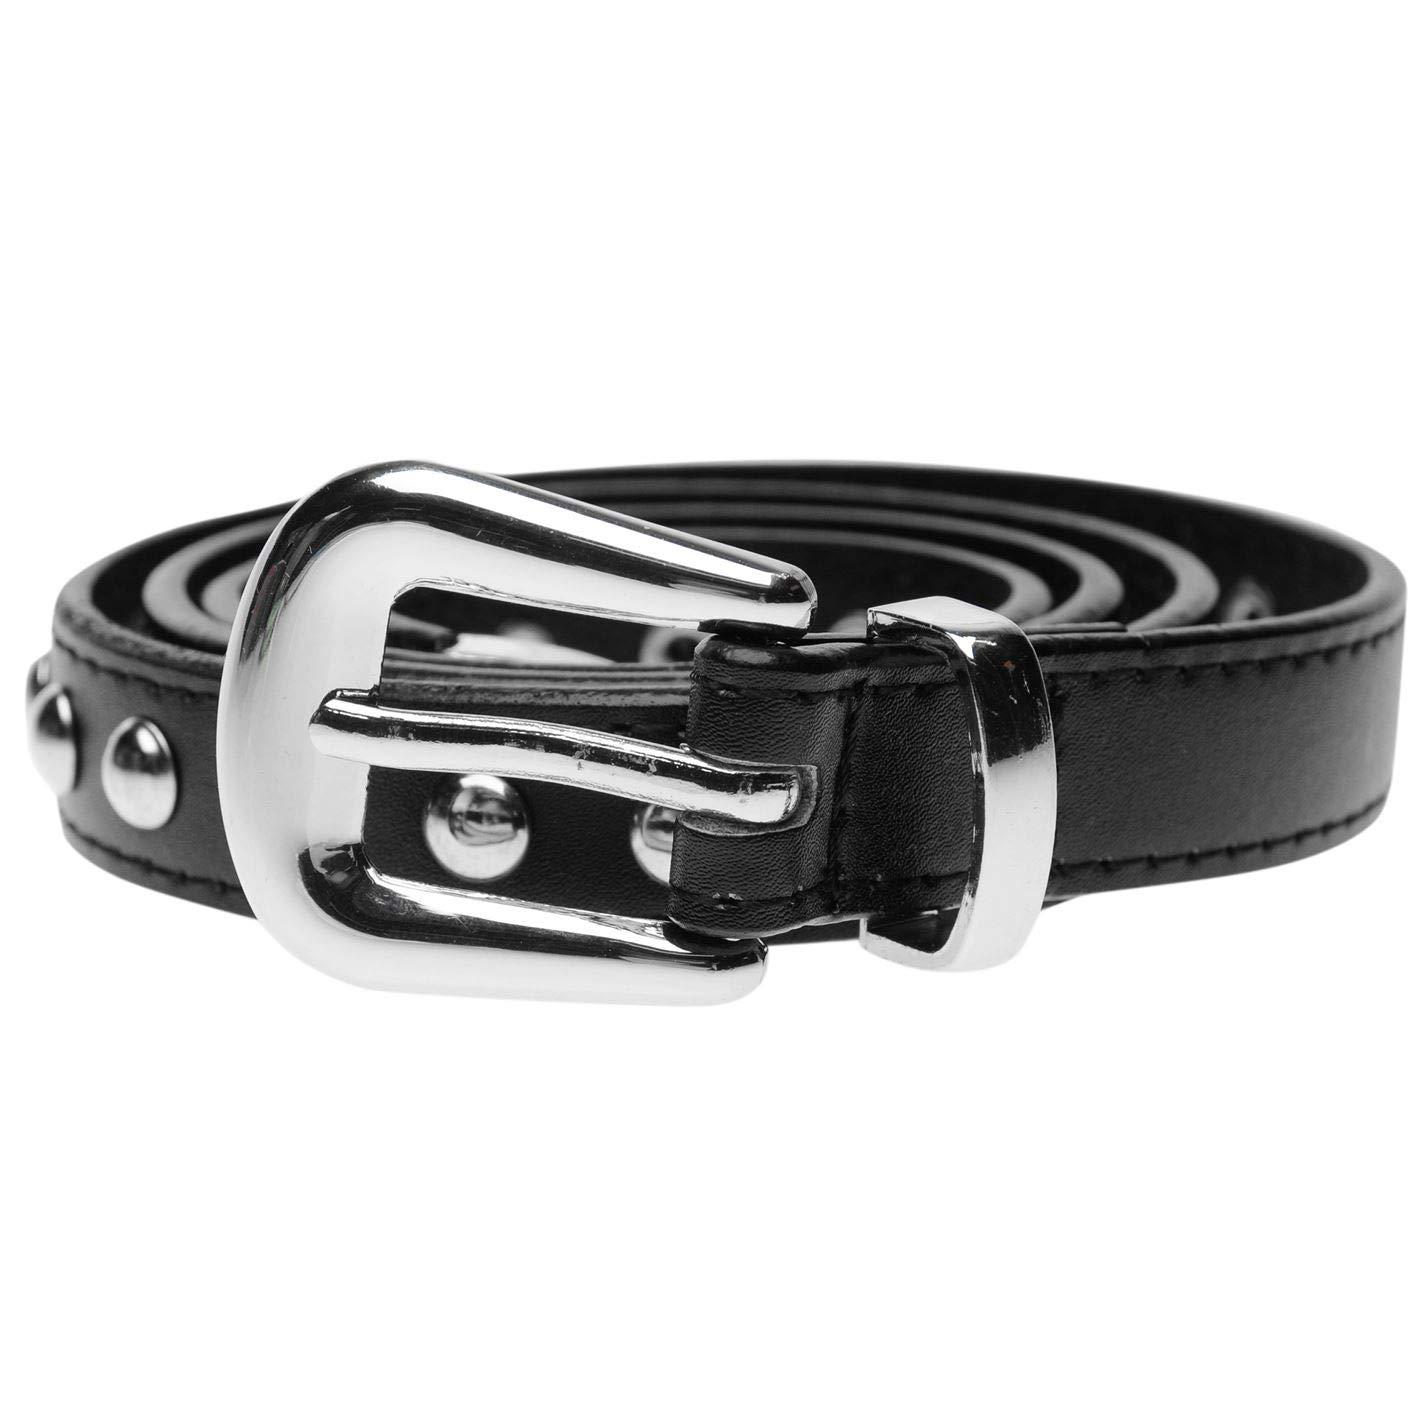 TALLA S (EU 38/UK 10). Firetrap Mujer Cinturón Fino Con Tachuelas